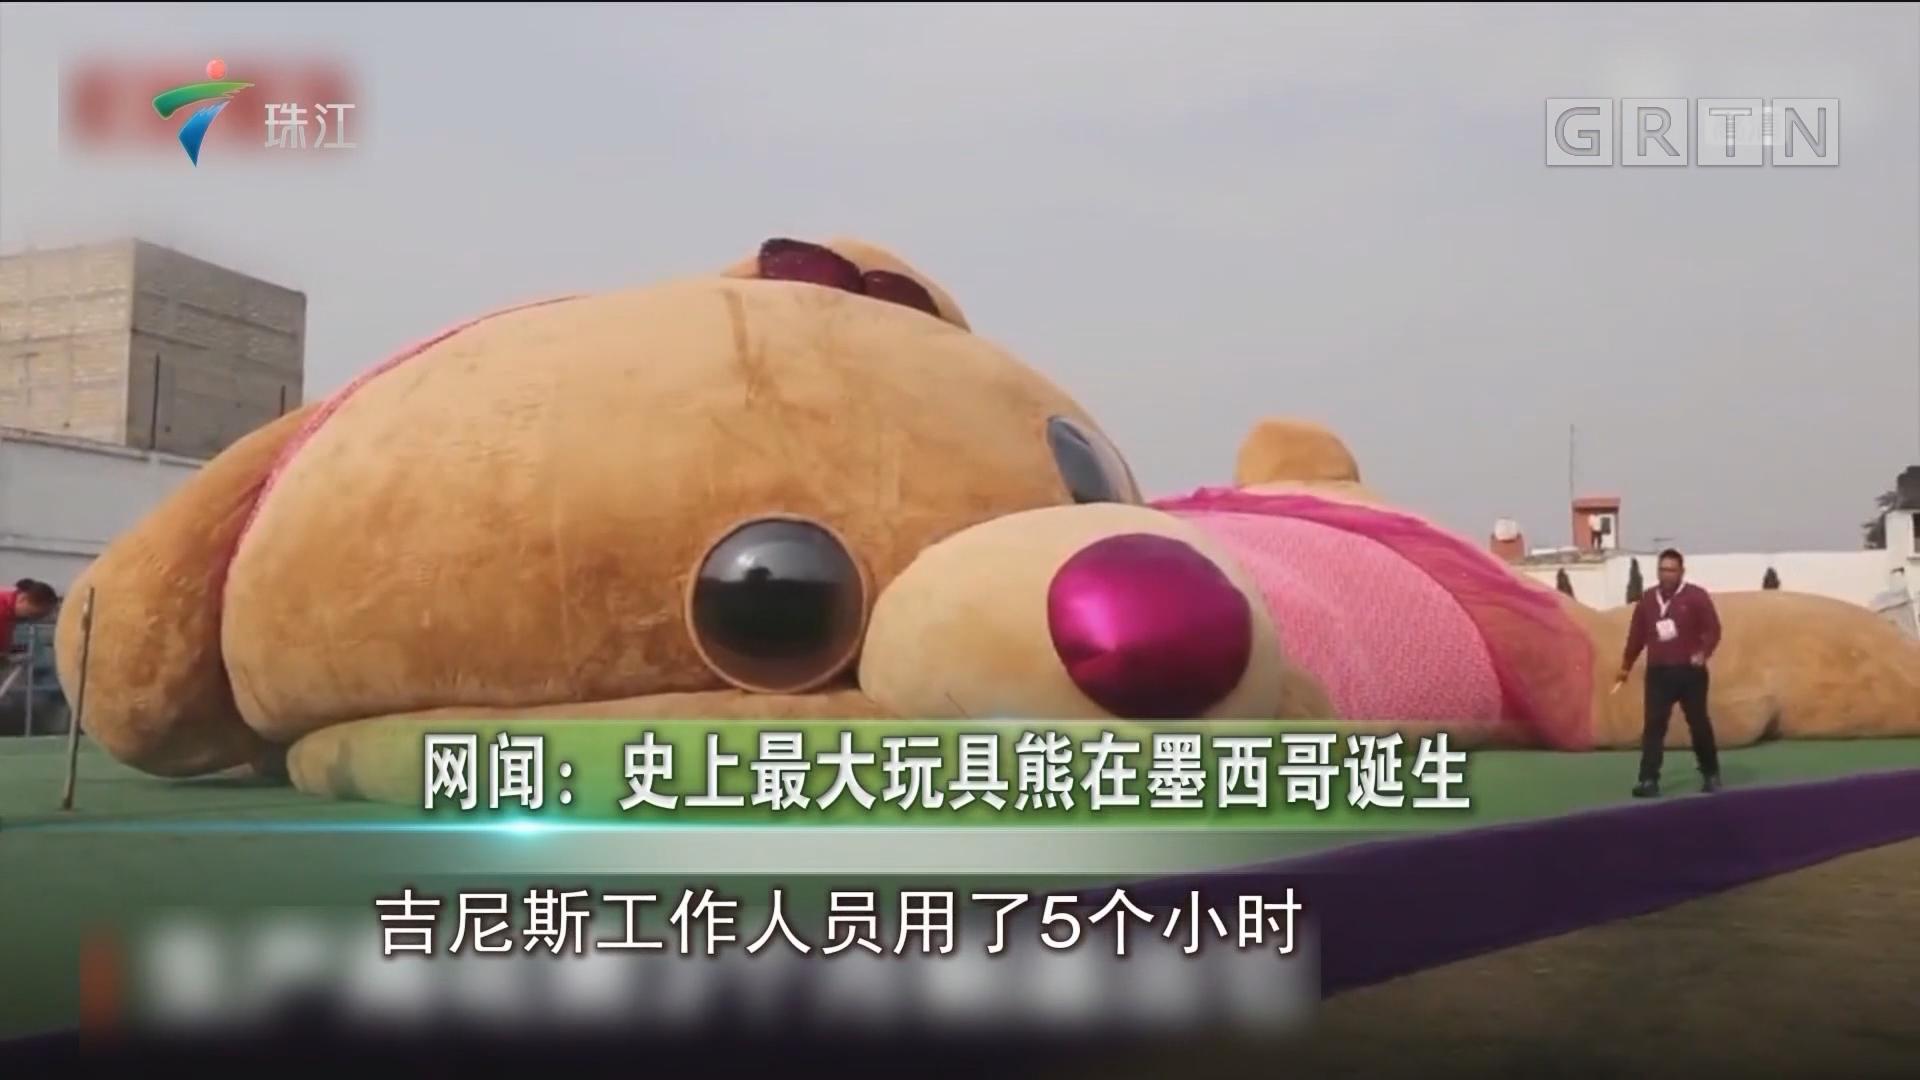 网闻:史上最大玩具熊在墨西哥诞生